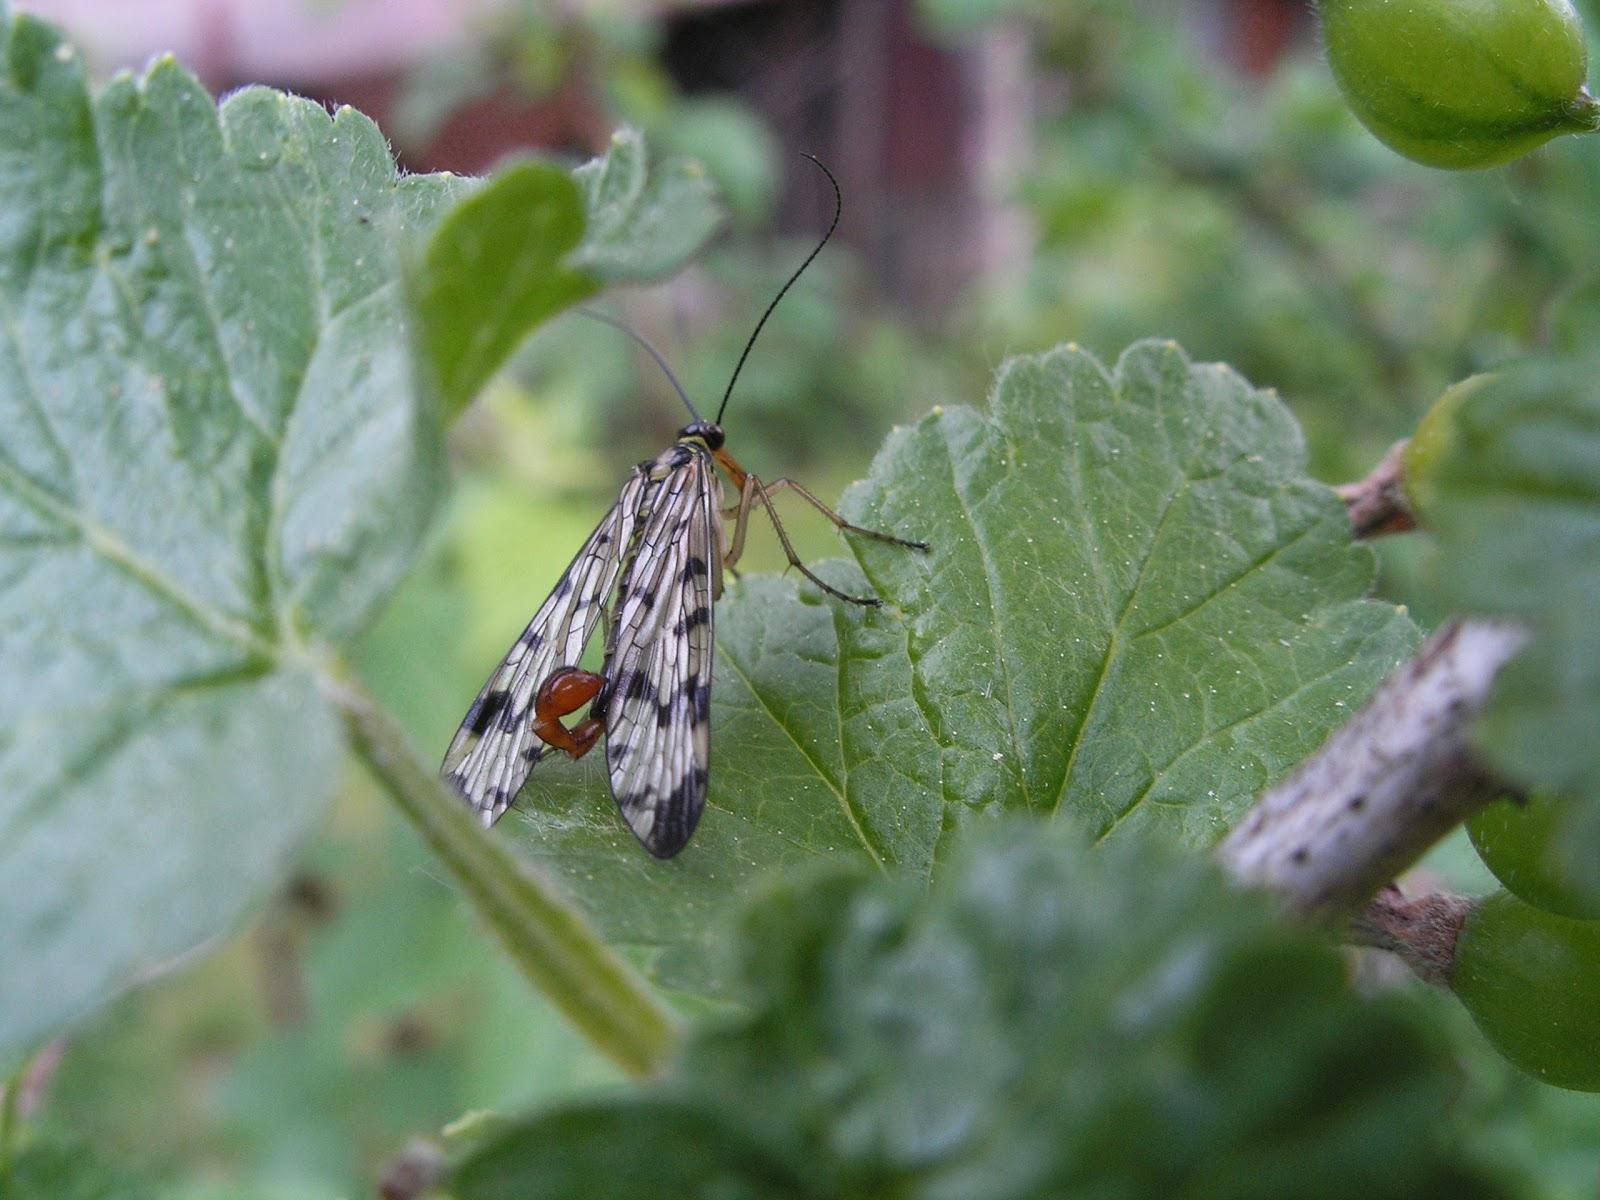 Como en casa insectos - Eliminar insectos en casa ...